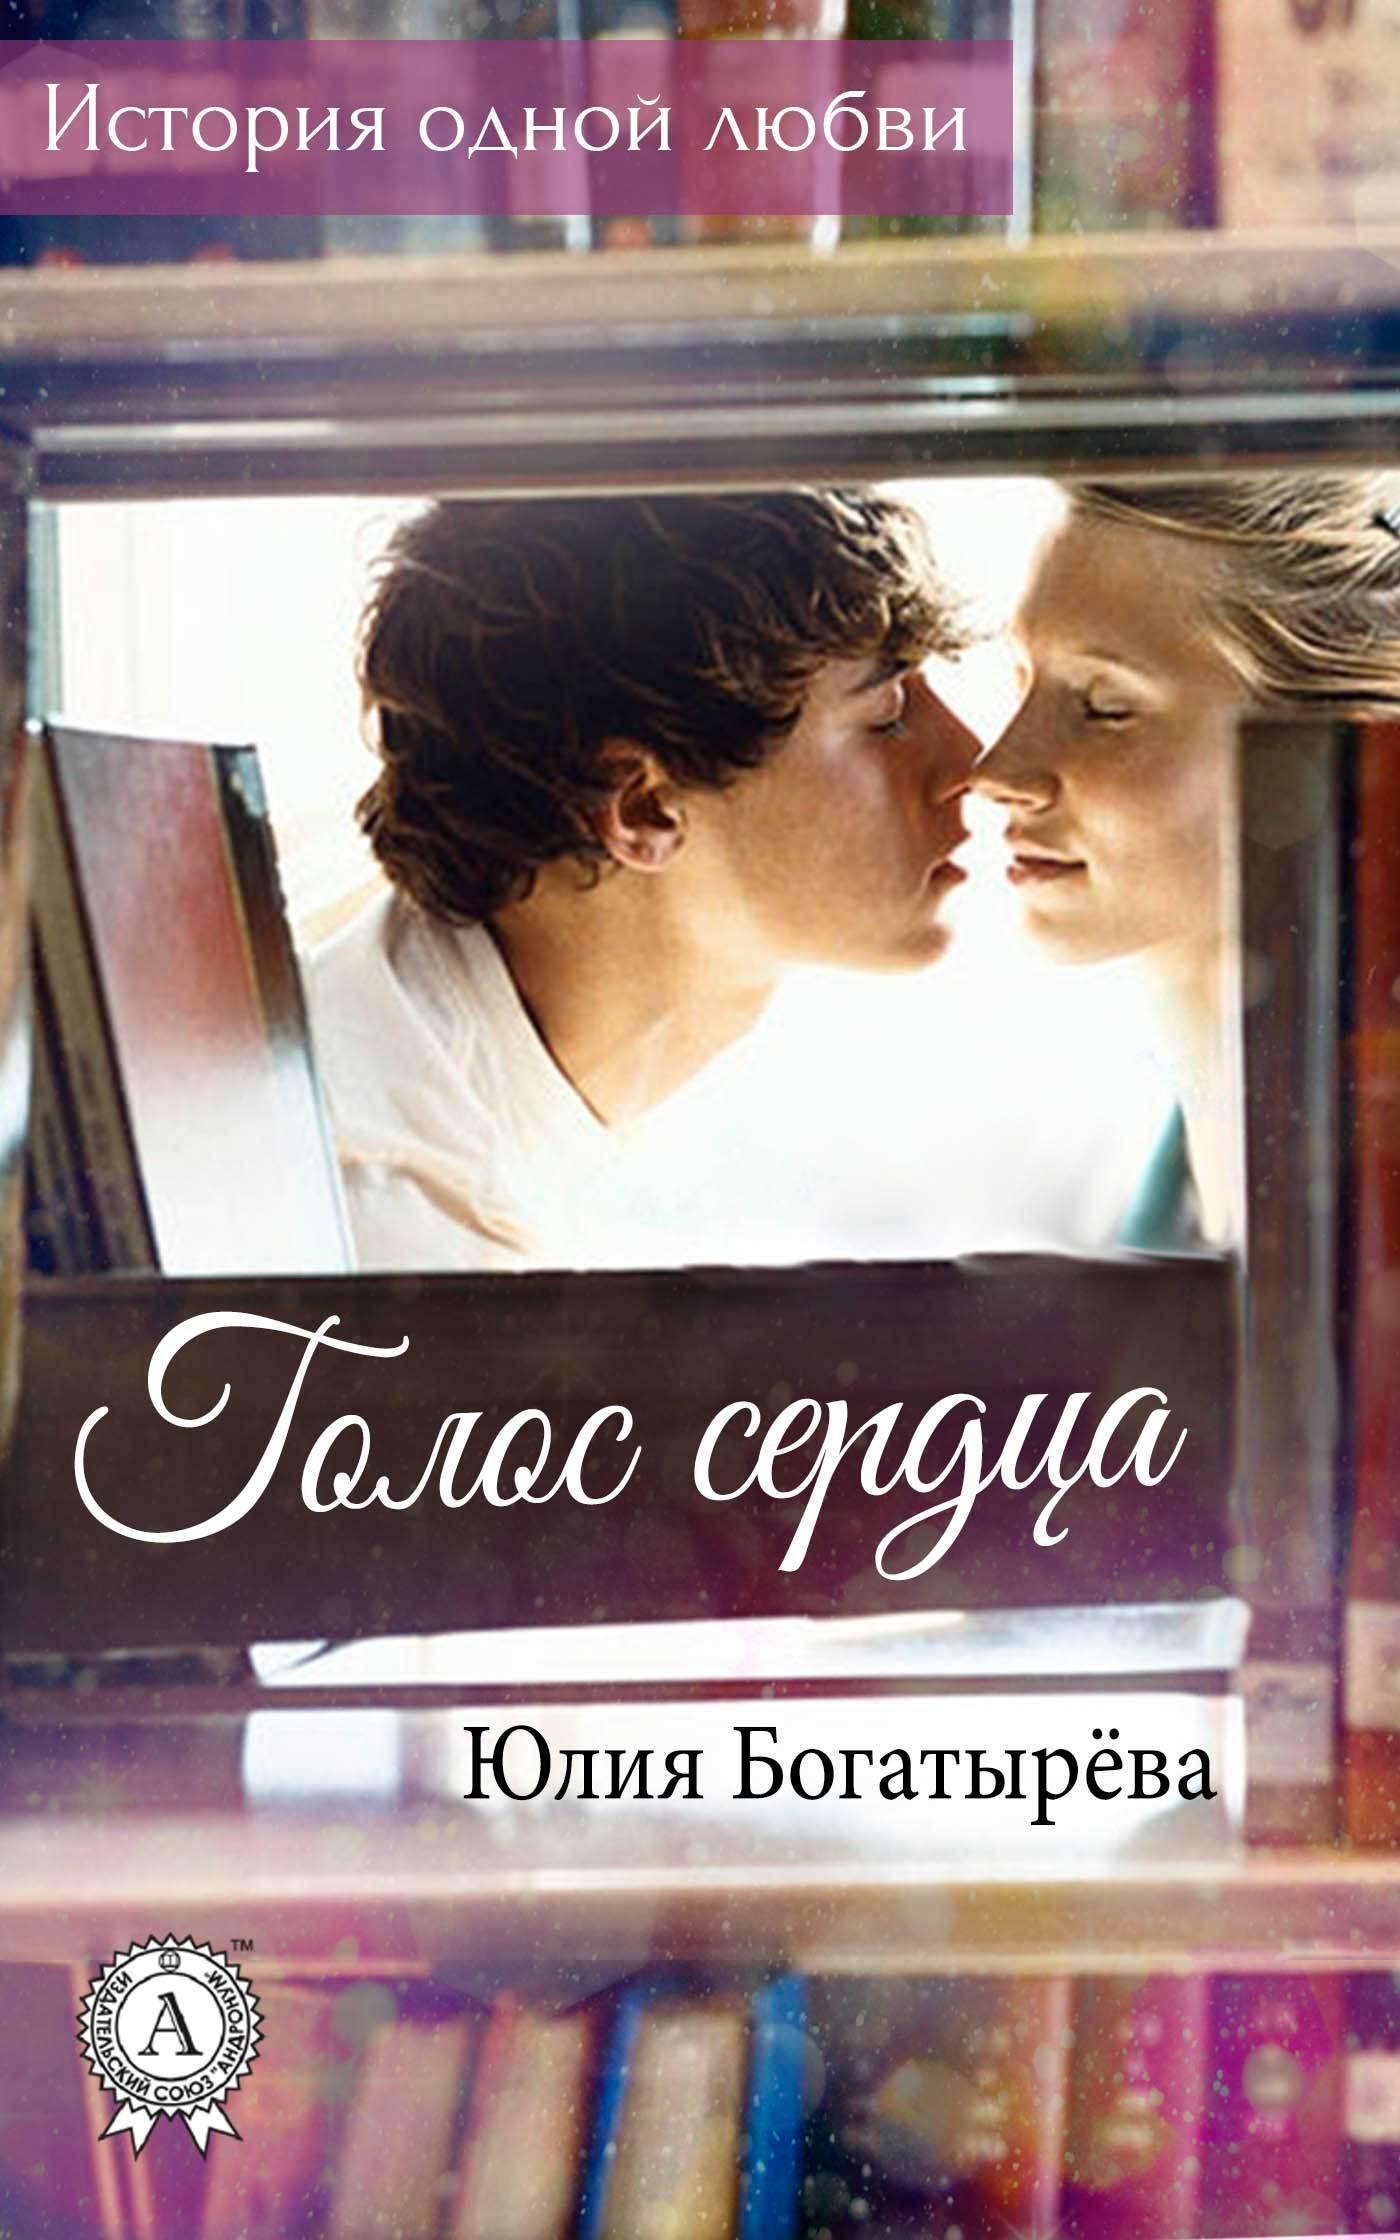 Юлия Богатырёва Голос сердца гульназ резванова зимняя весна первая книга олюбви наивная